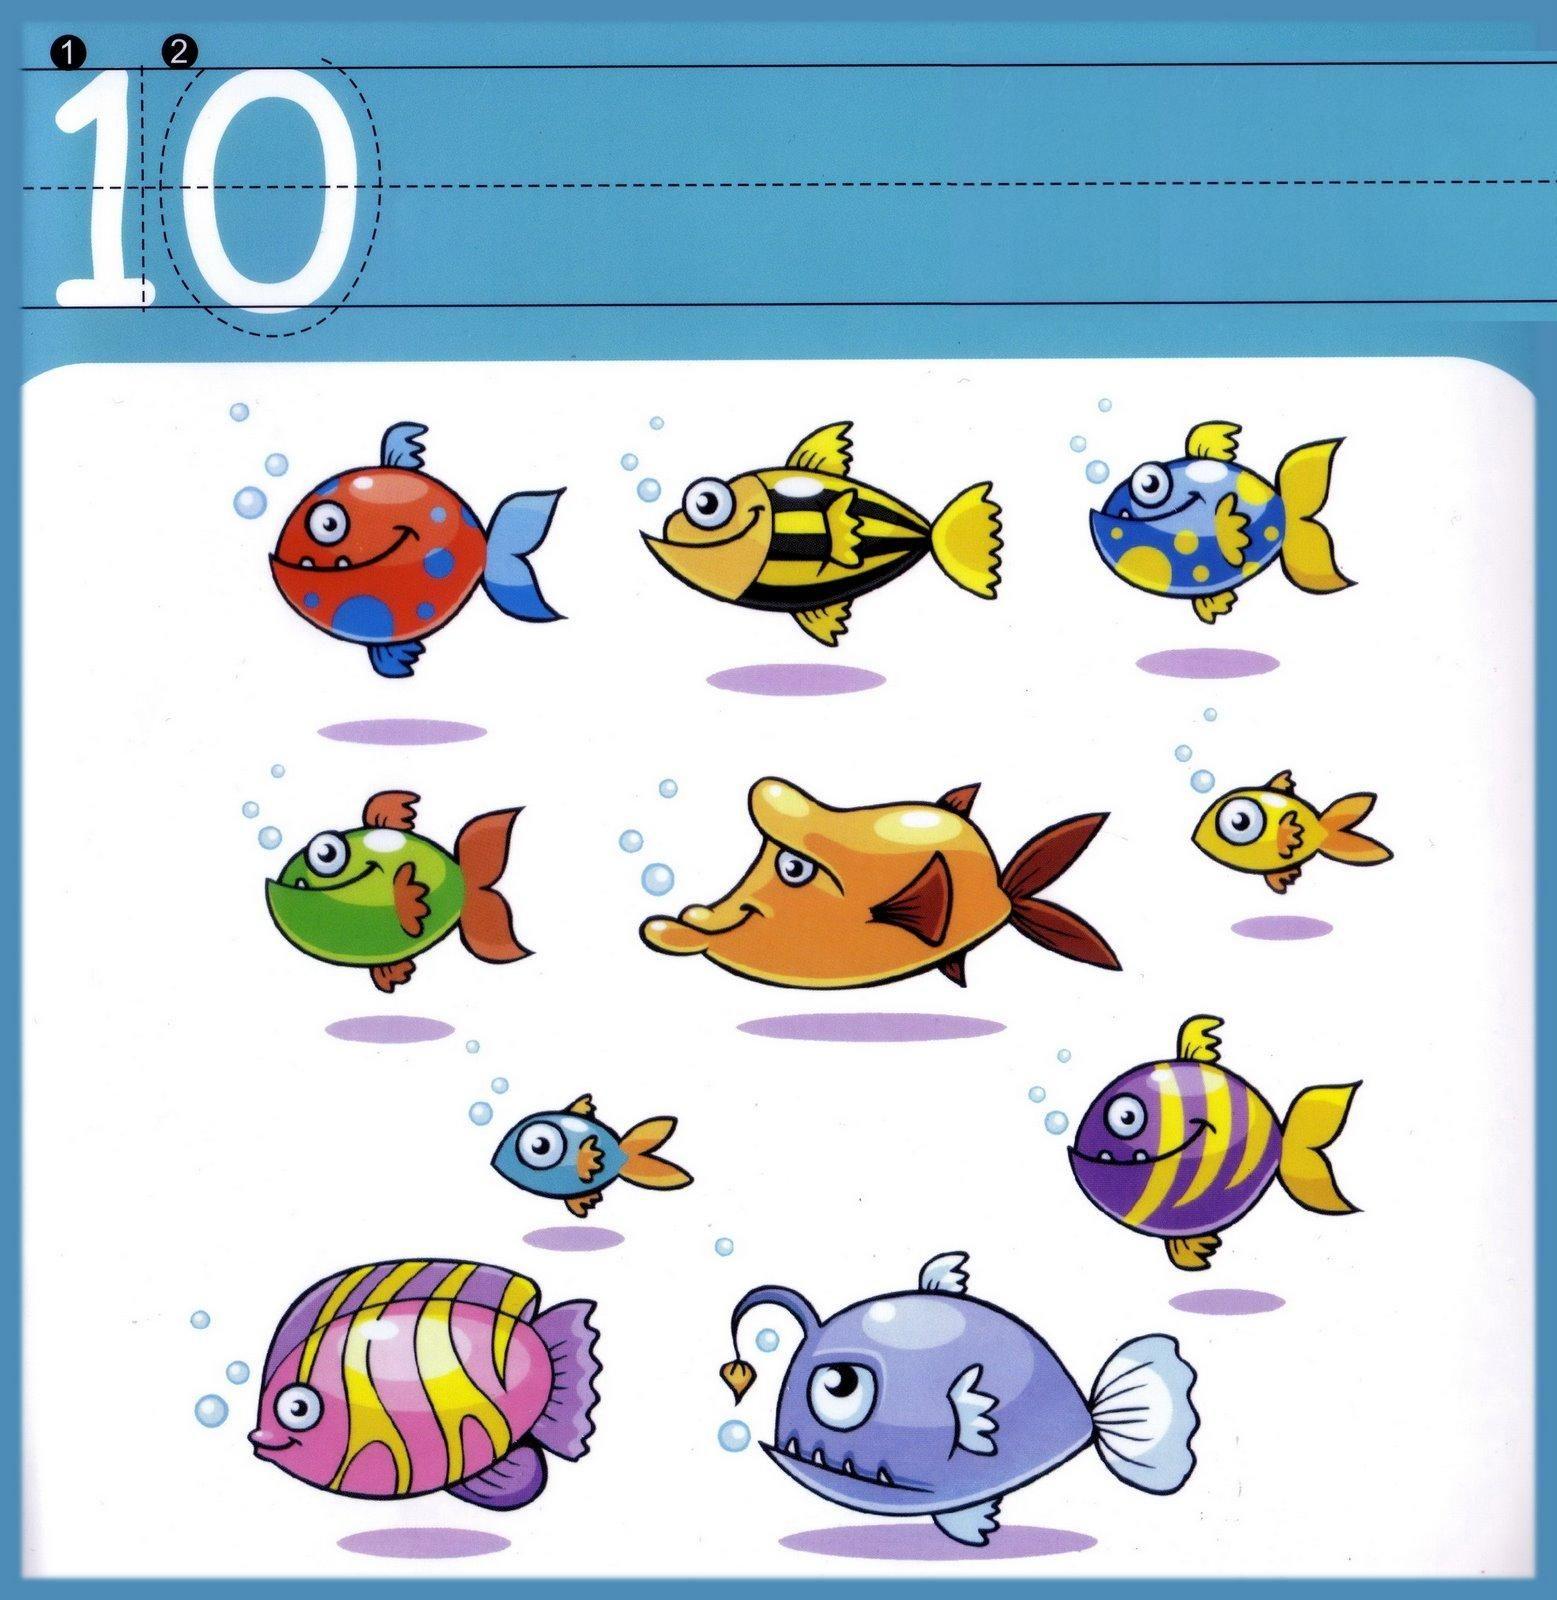 Numeros animados del 1 al 10 - Imagui